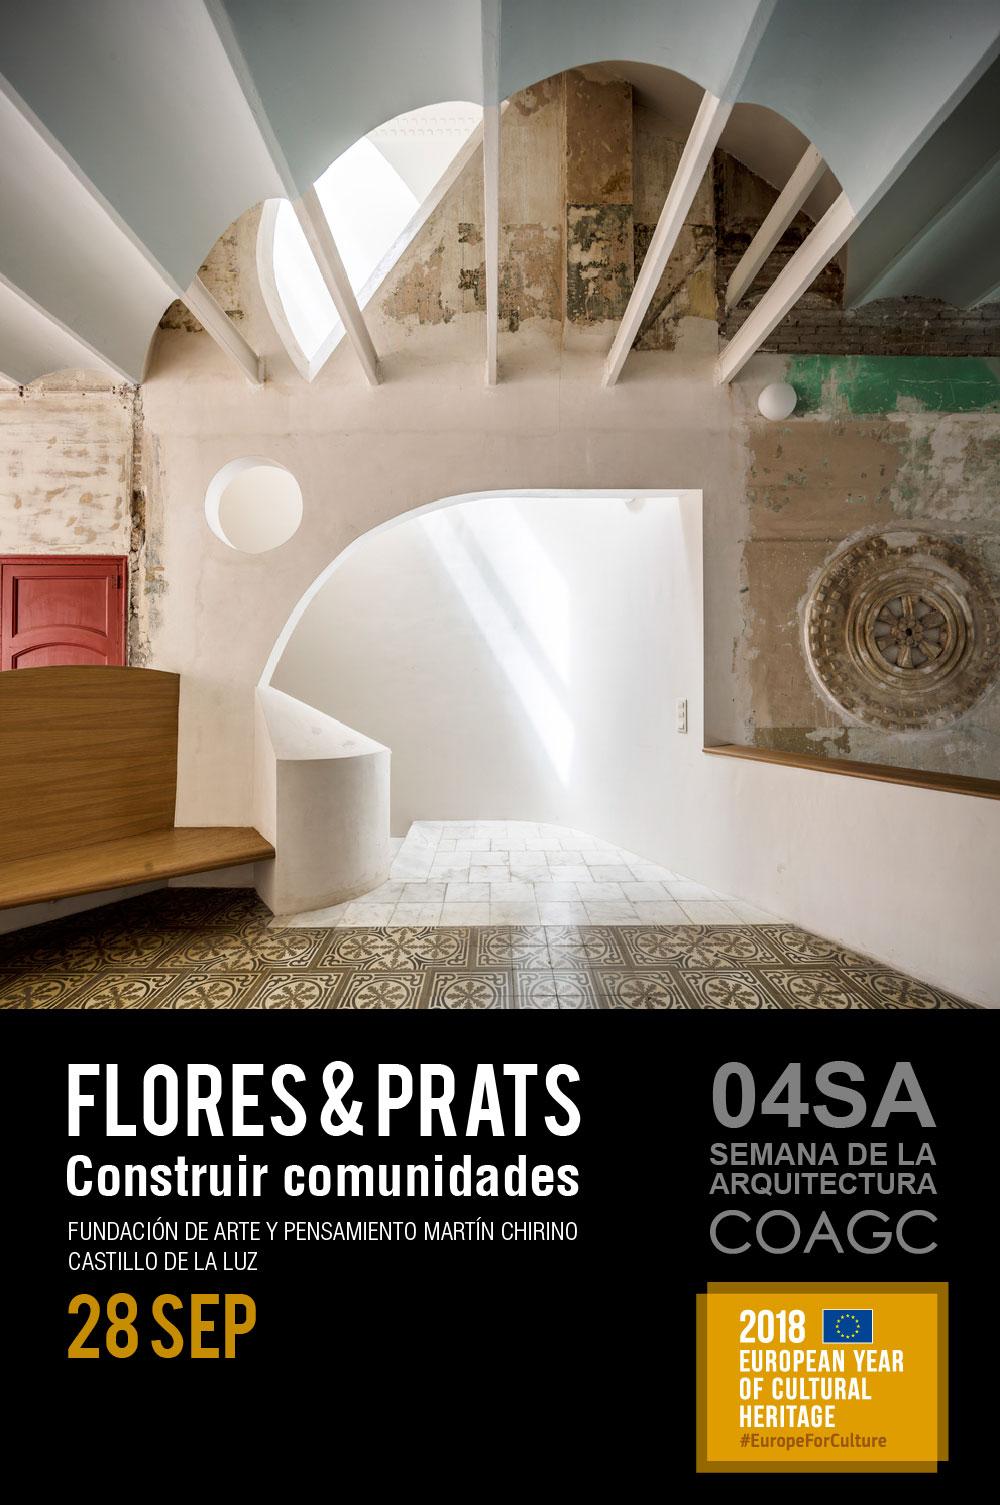 Conferencia 'Construir comunidades' de Flores & Prats Arquitectos